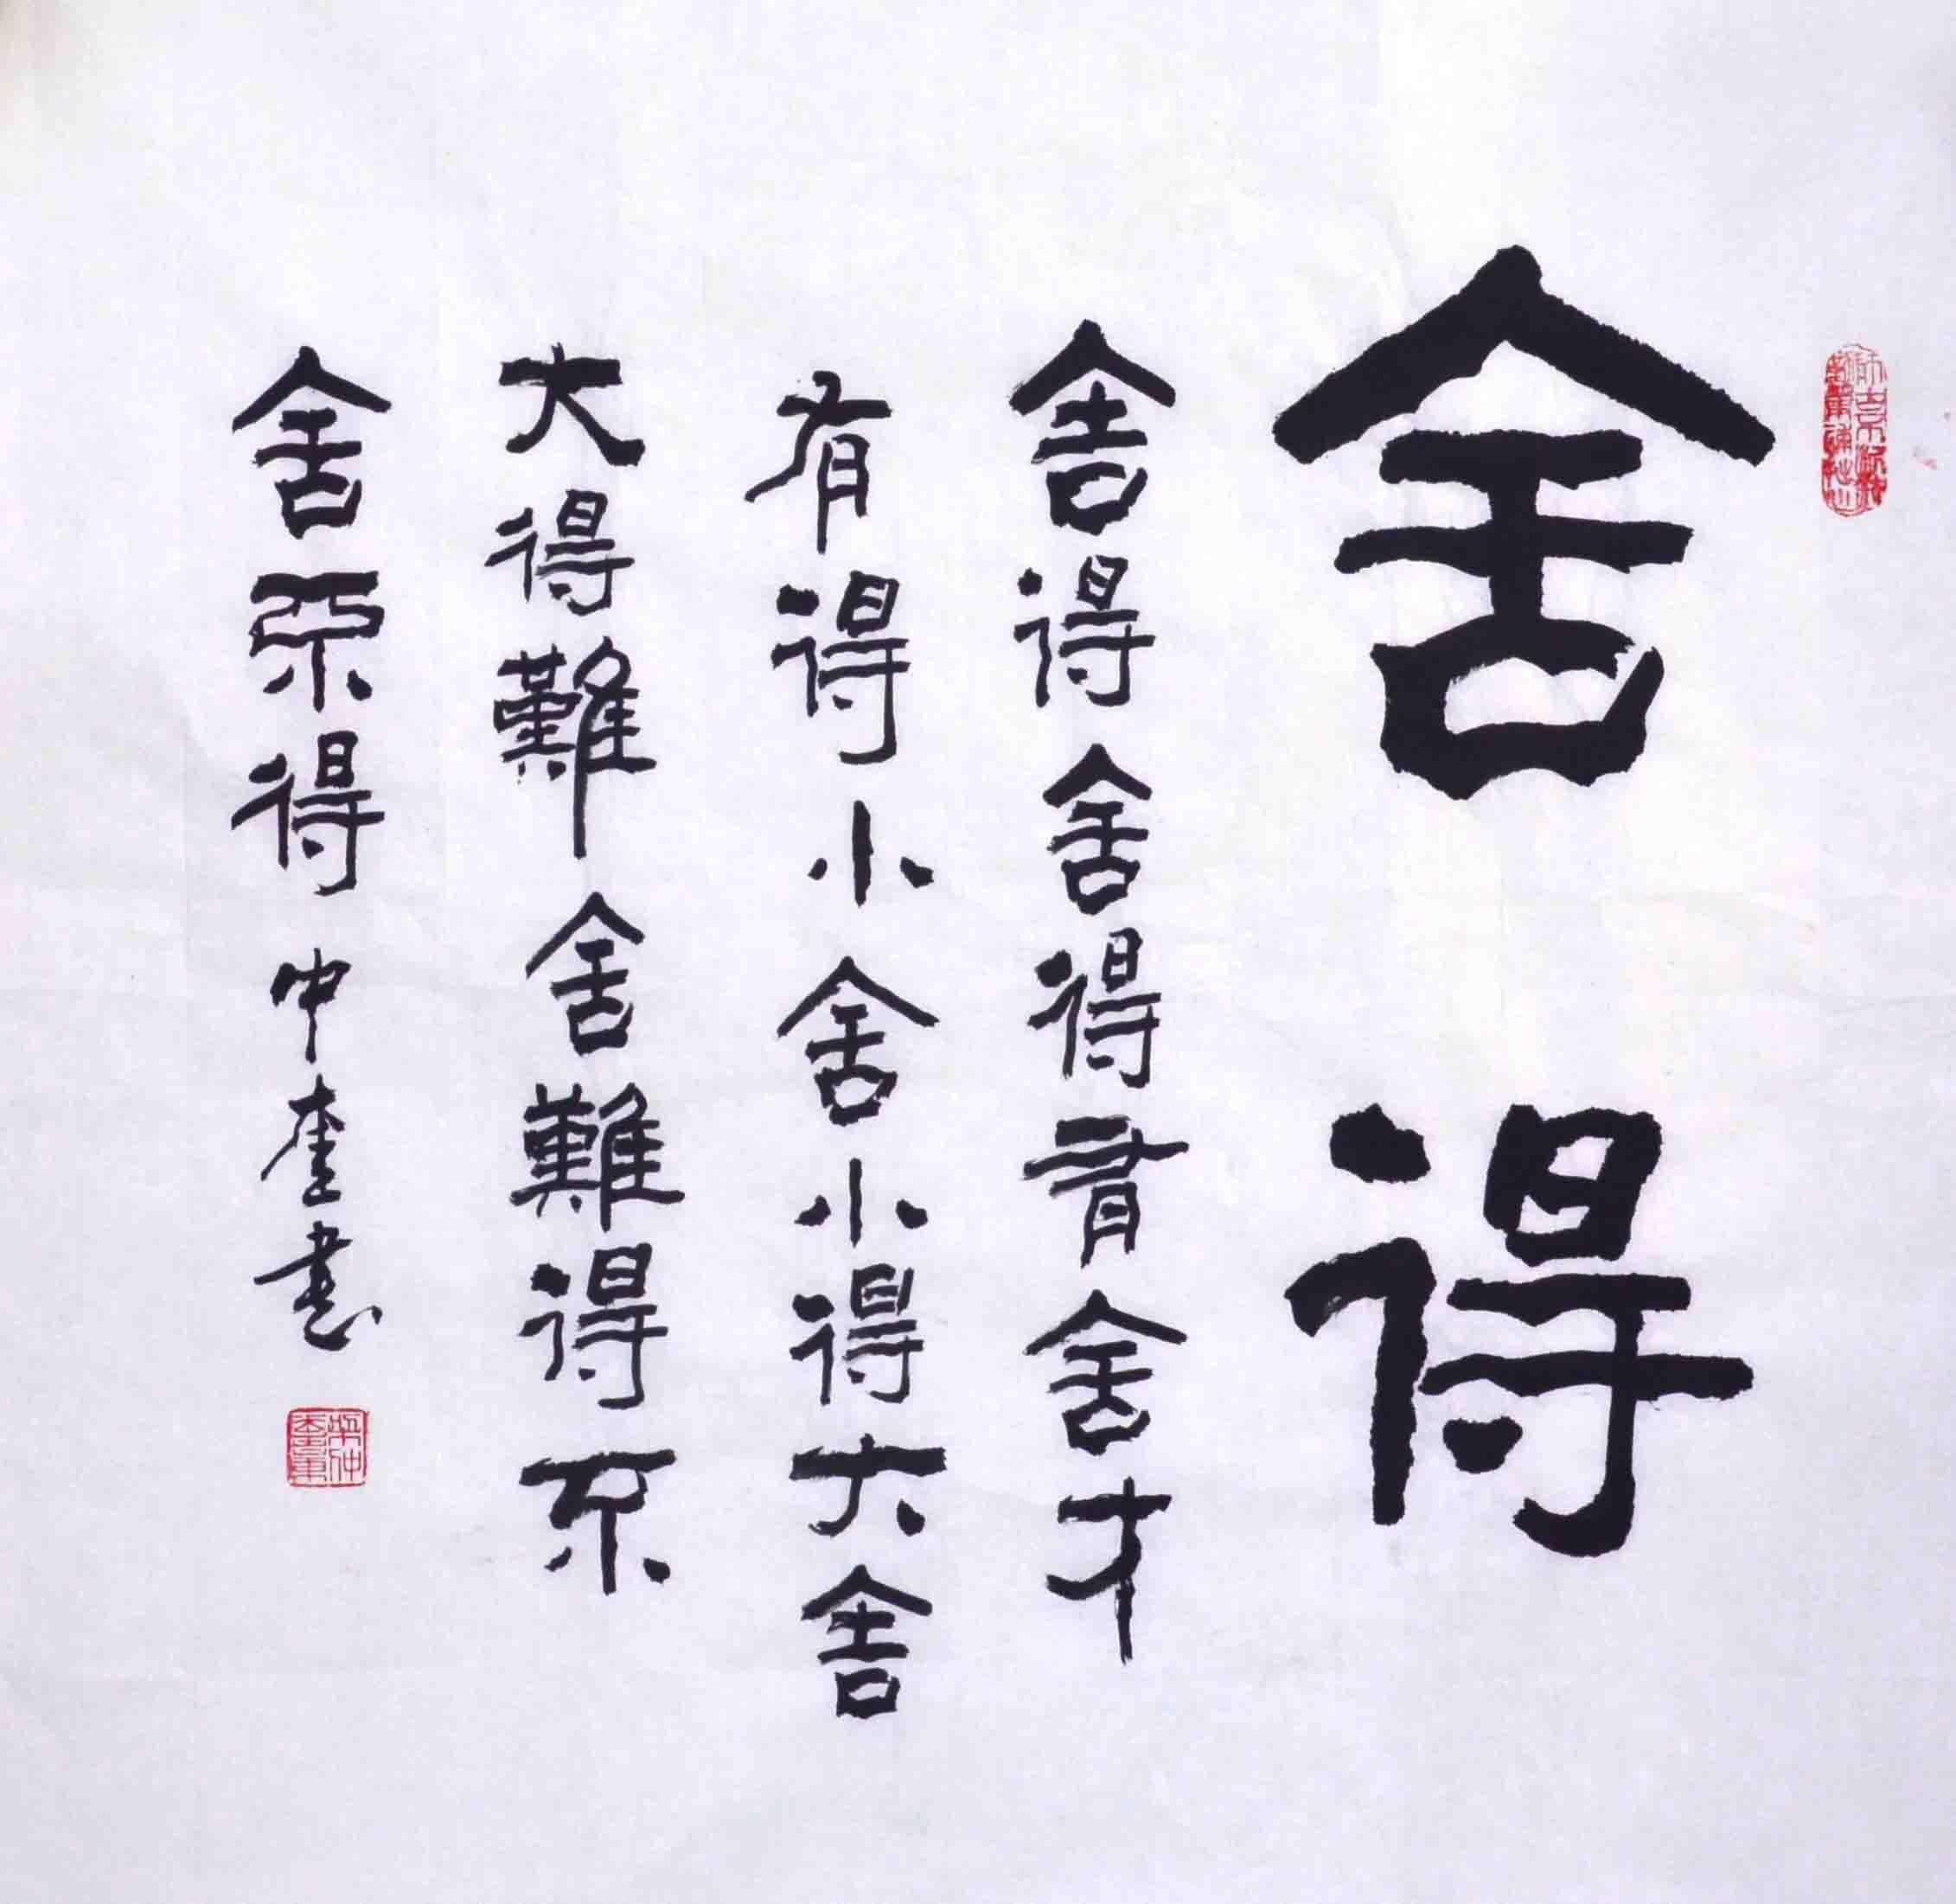 全国书画大赛三等奖;《中国电影百年书画大赛》佳作奖;《雷锋之歌》全